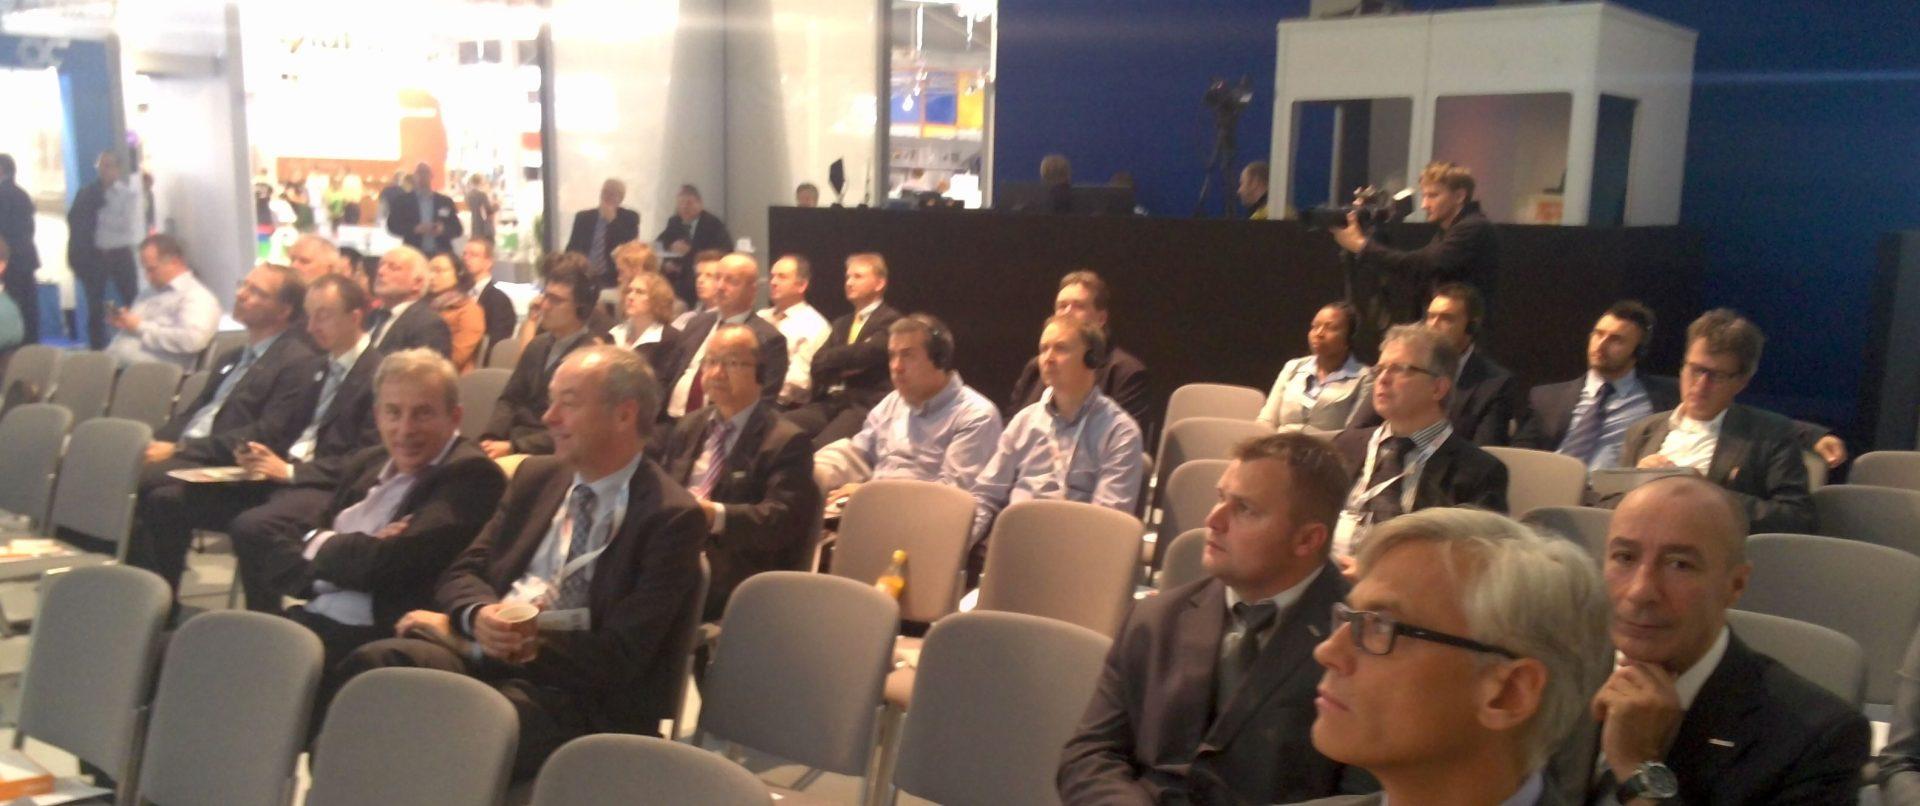 Das Publikum hört zu